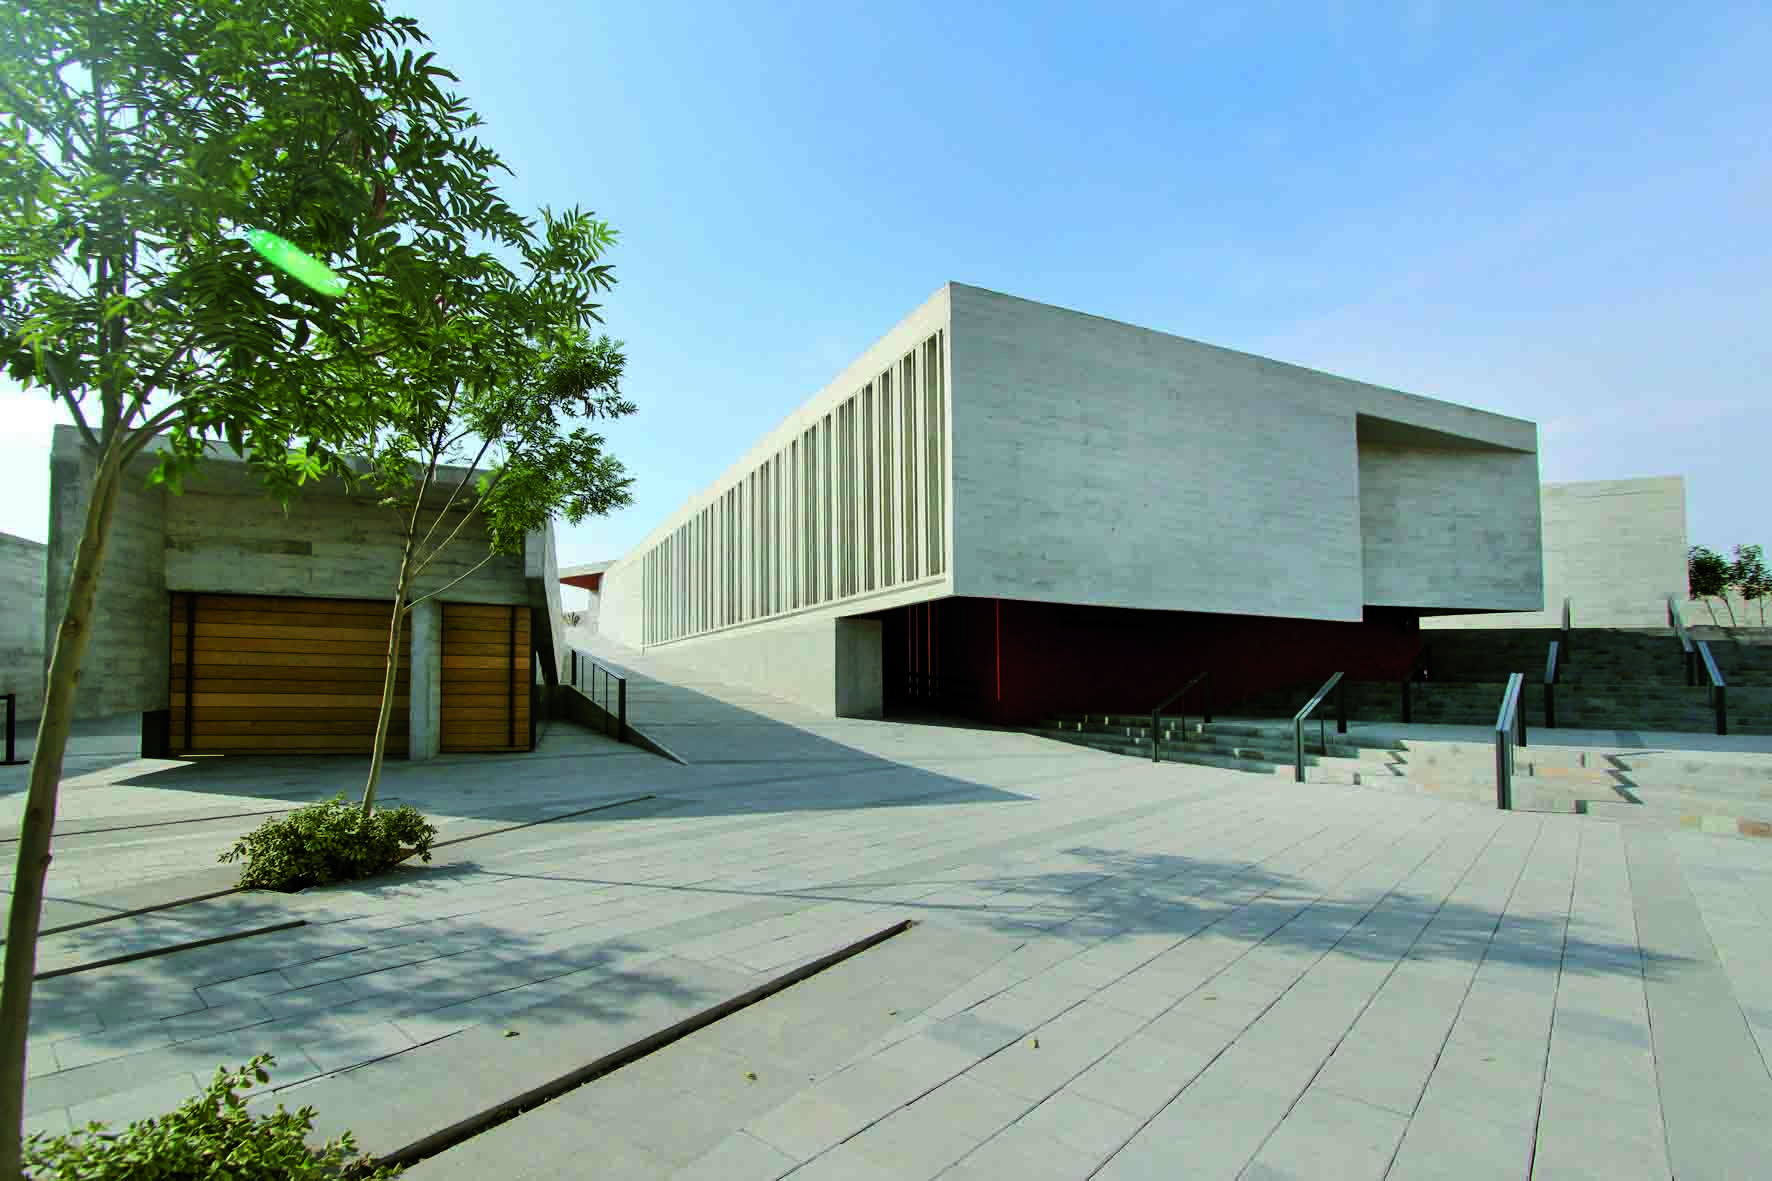 museos virtuales gratuitos